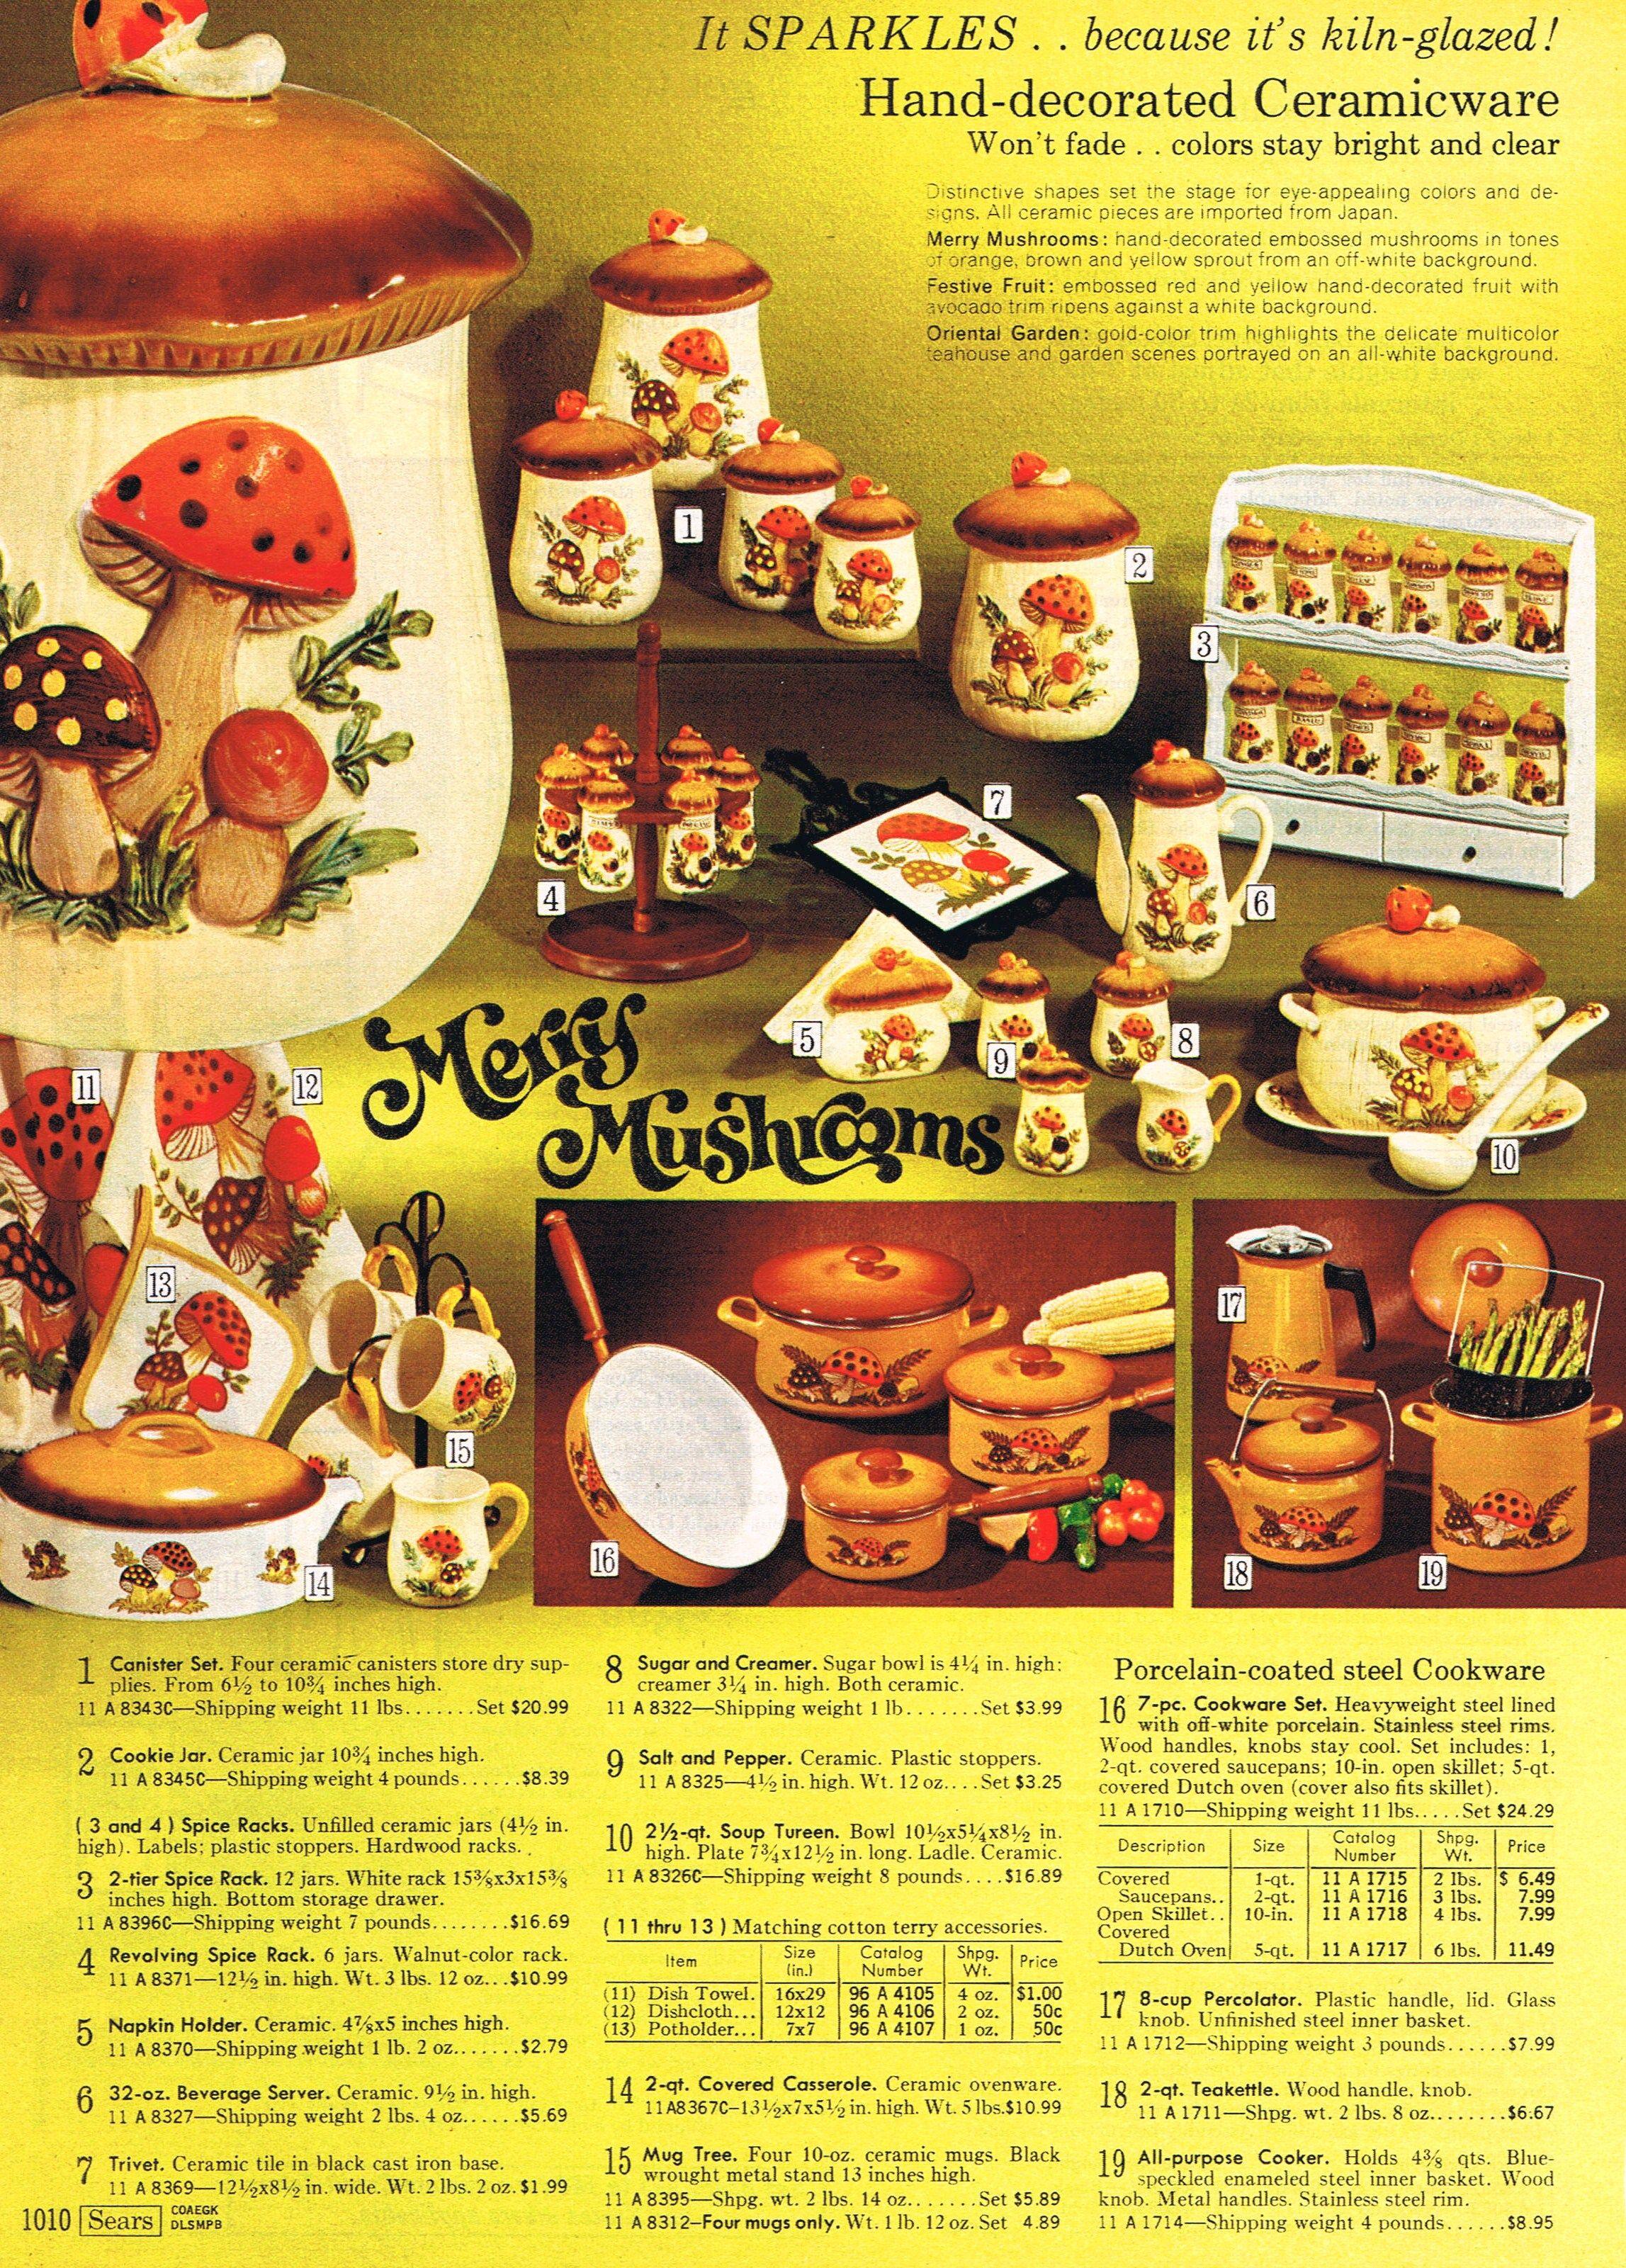 Sears Merry Mushrooms 1973 My Grandmother Had This Set She Always Had Oatmeal Cookies In The Cookie Jar Stuffed Mushrooms Mushroom Decor Vintage Mushroom